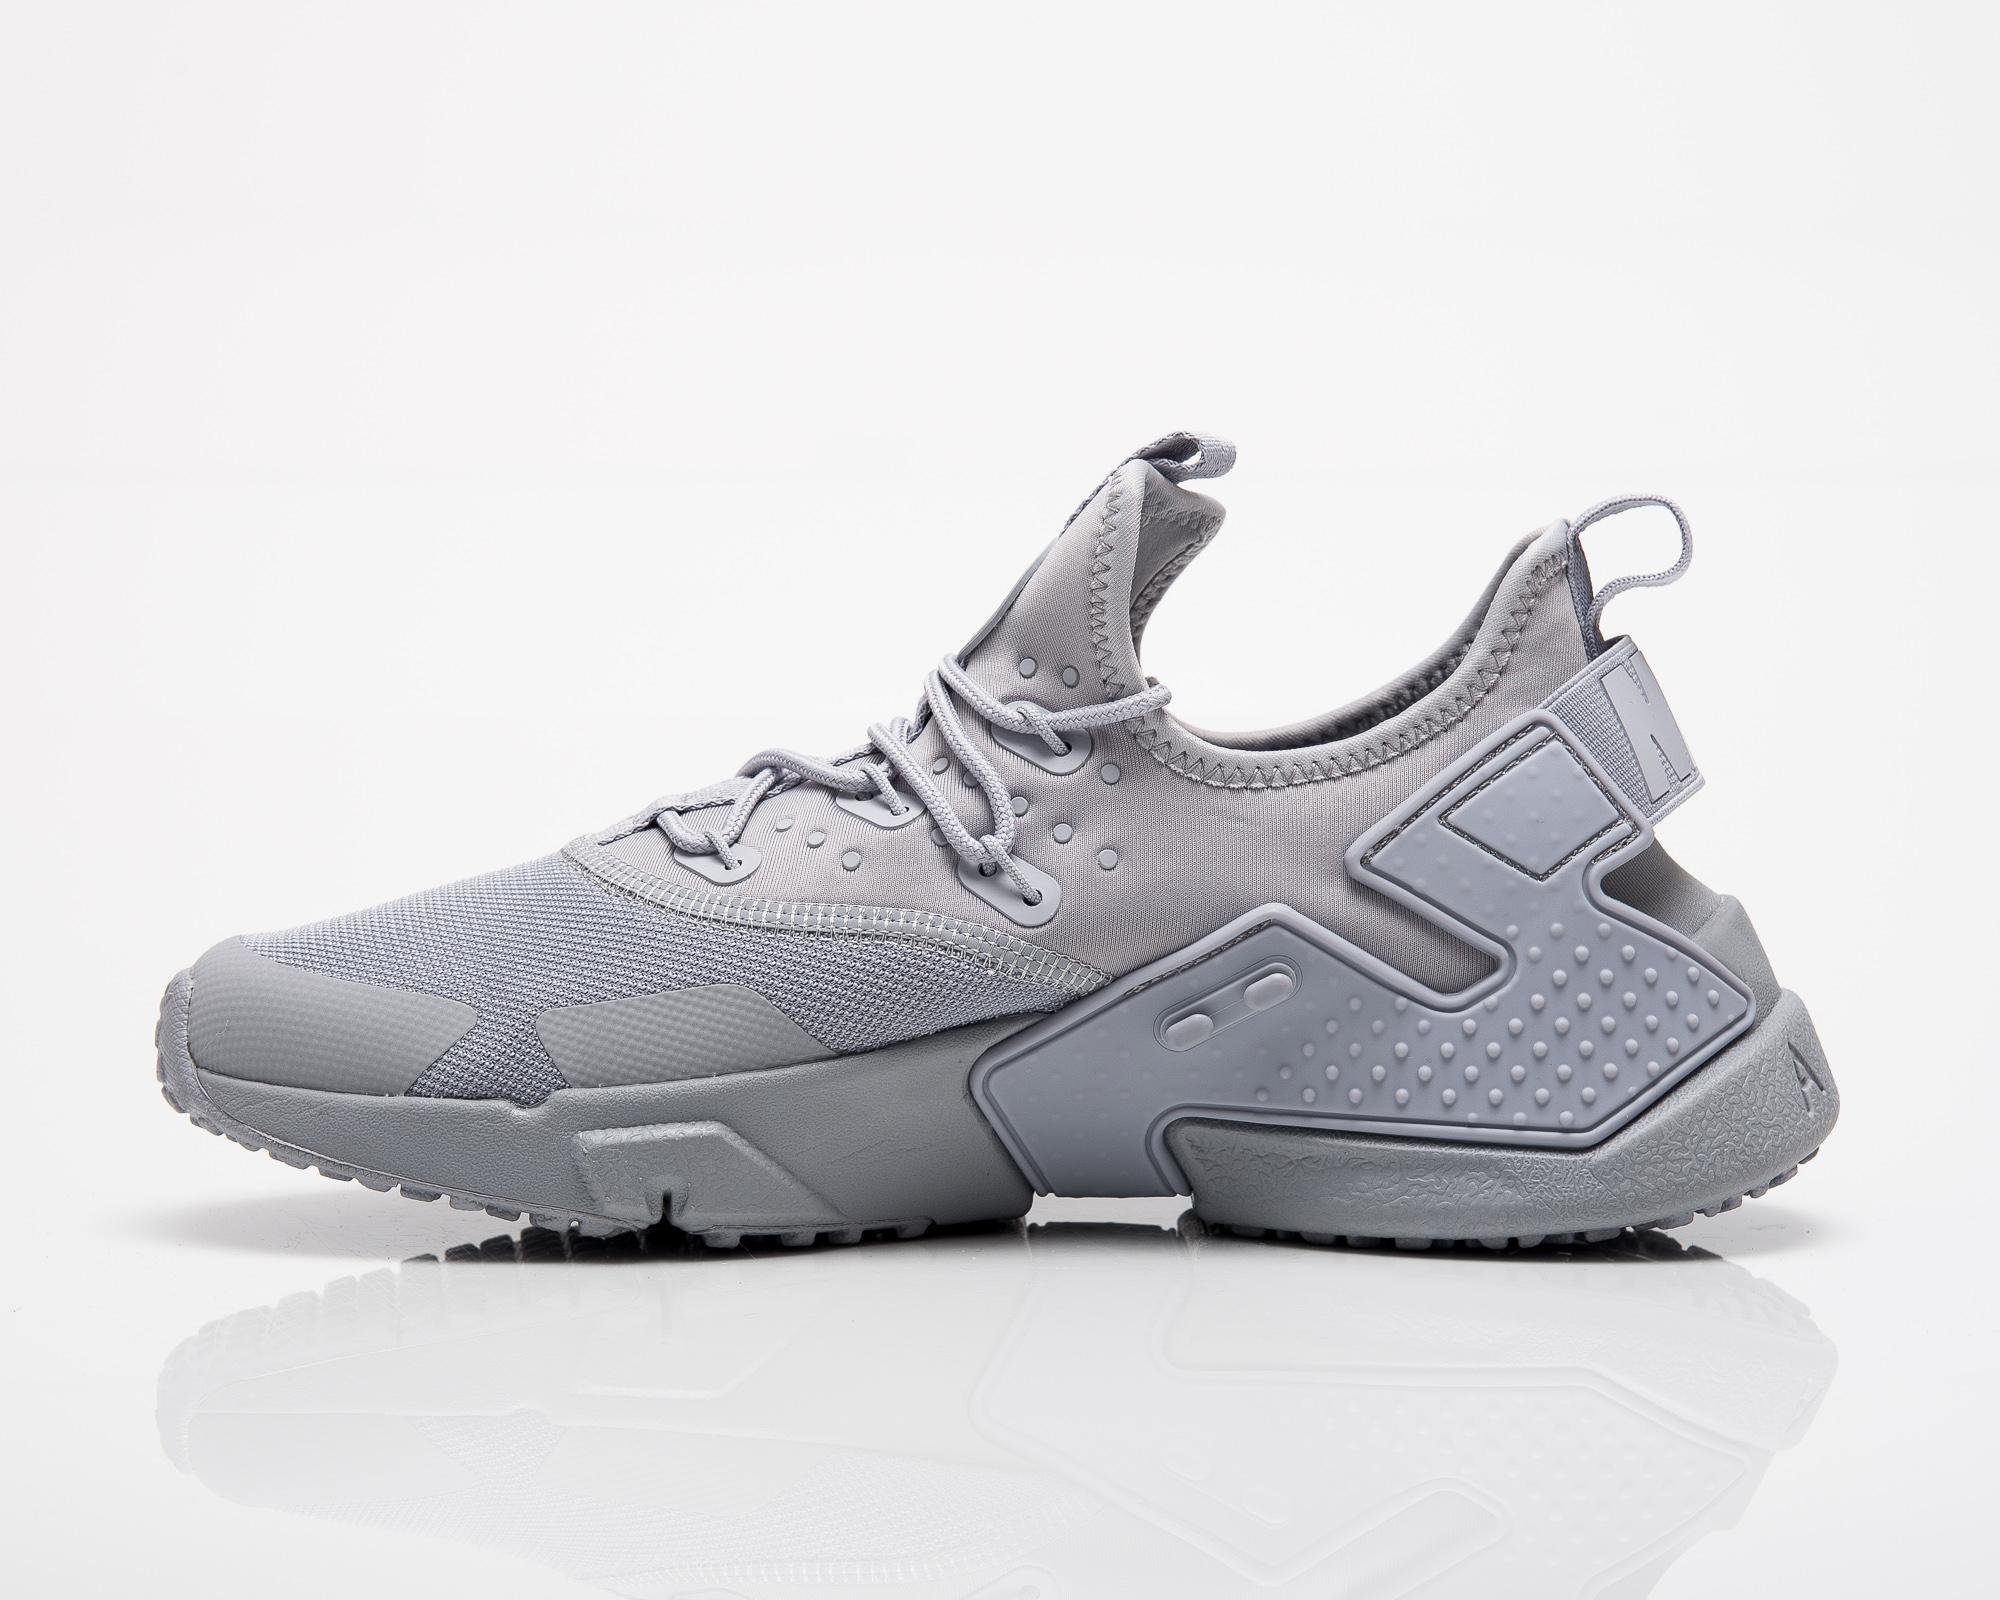 Nike Air Huarache Drift - Shoes Casual - Sporting goods  f709bd401